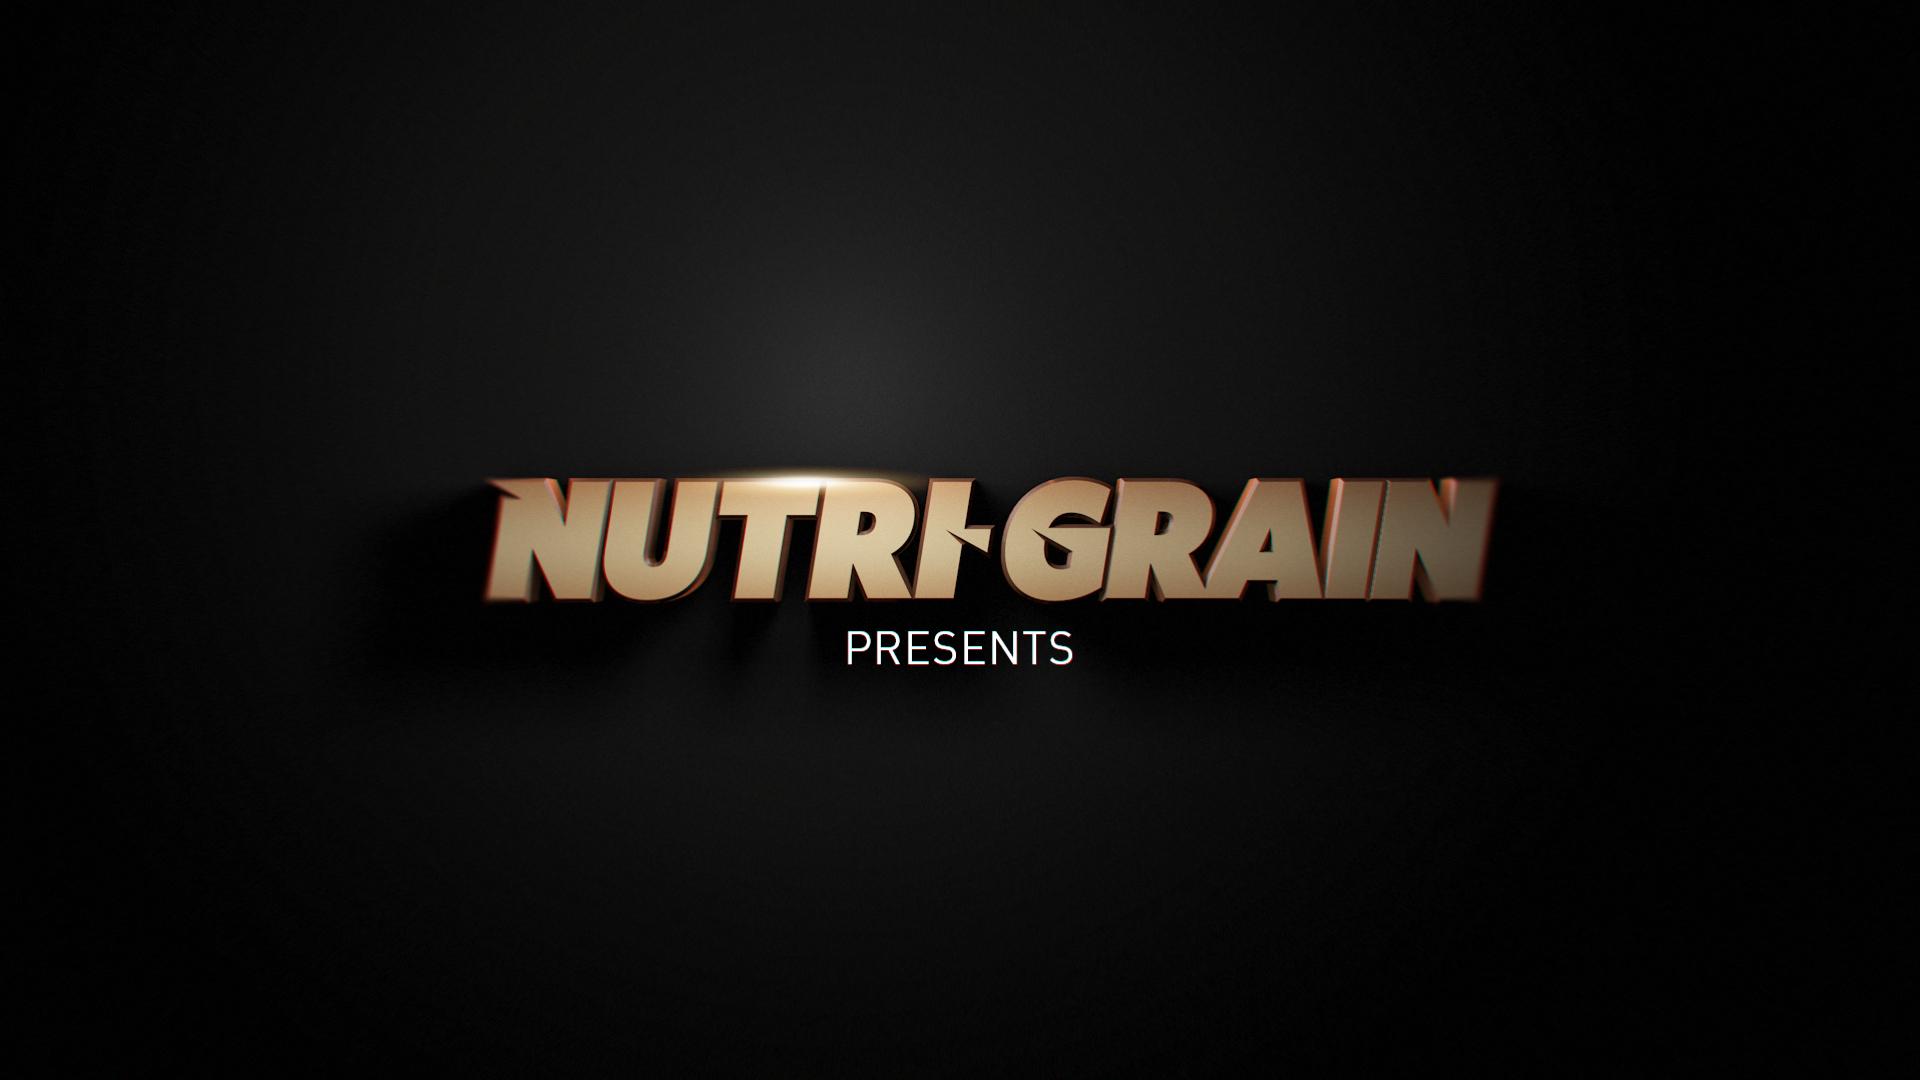 Nutrigrain_02_04.jpg